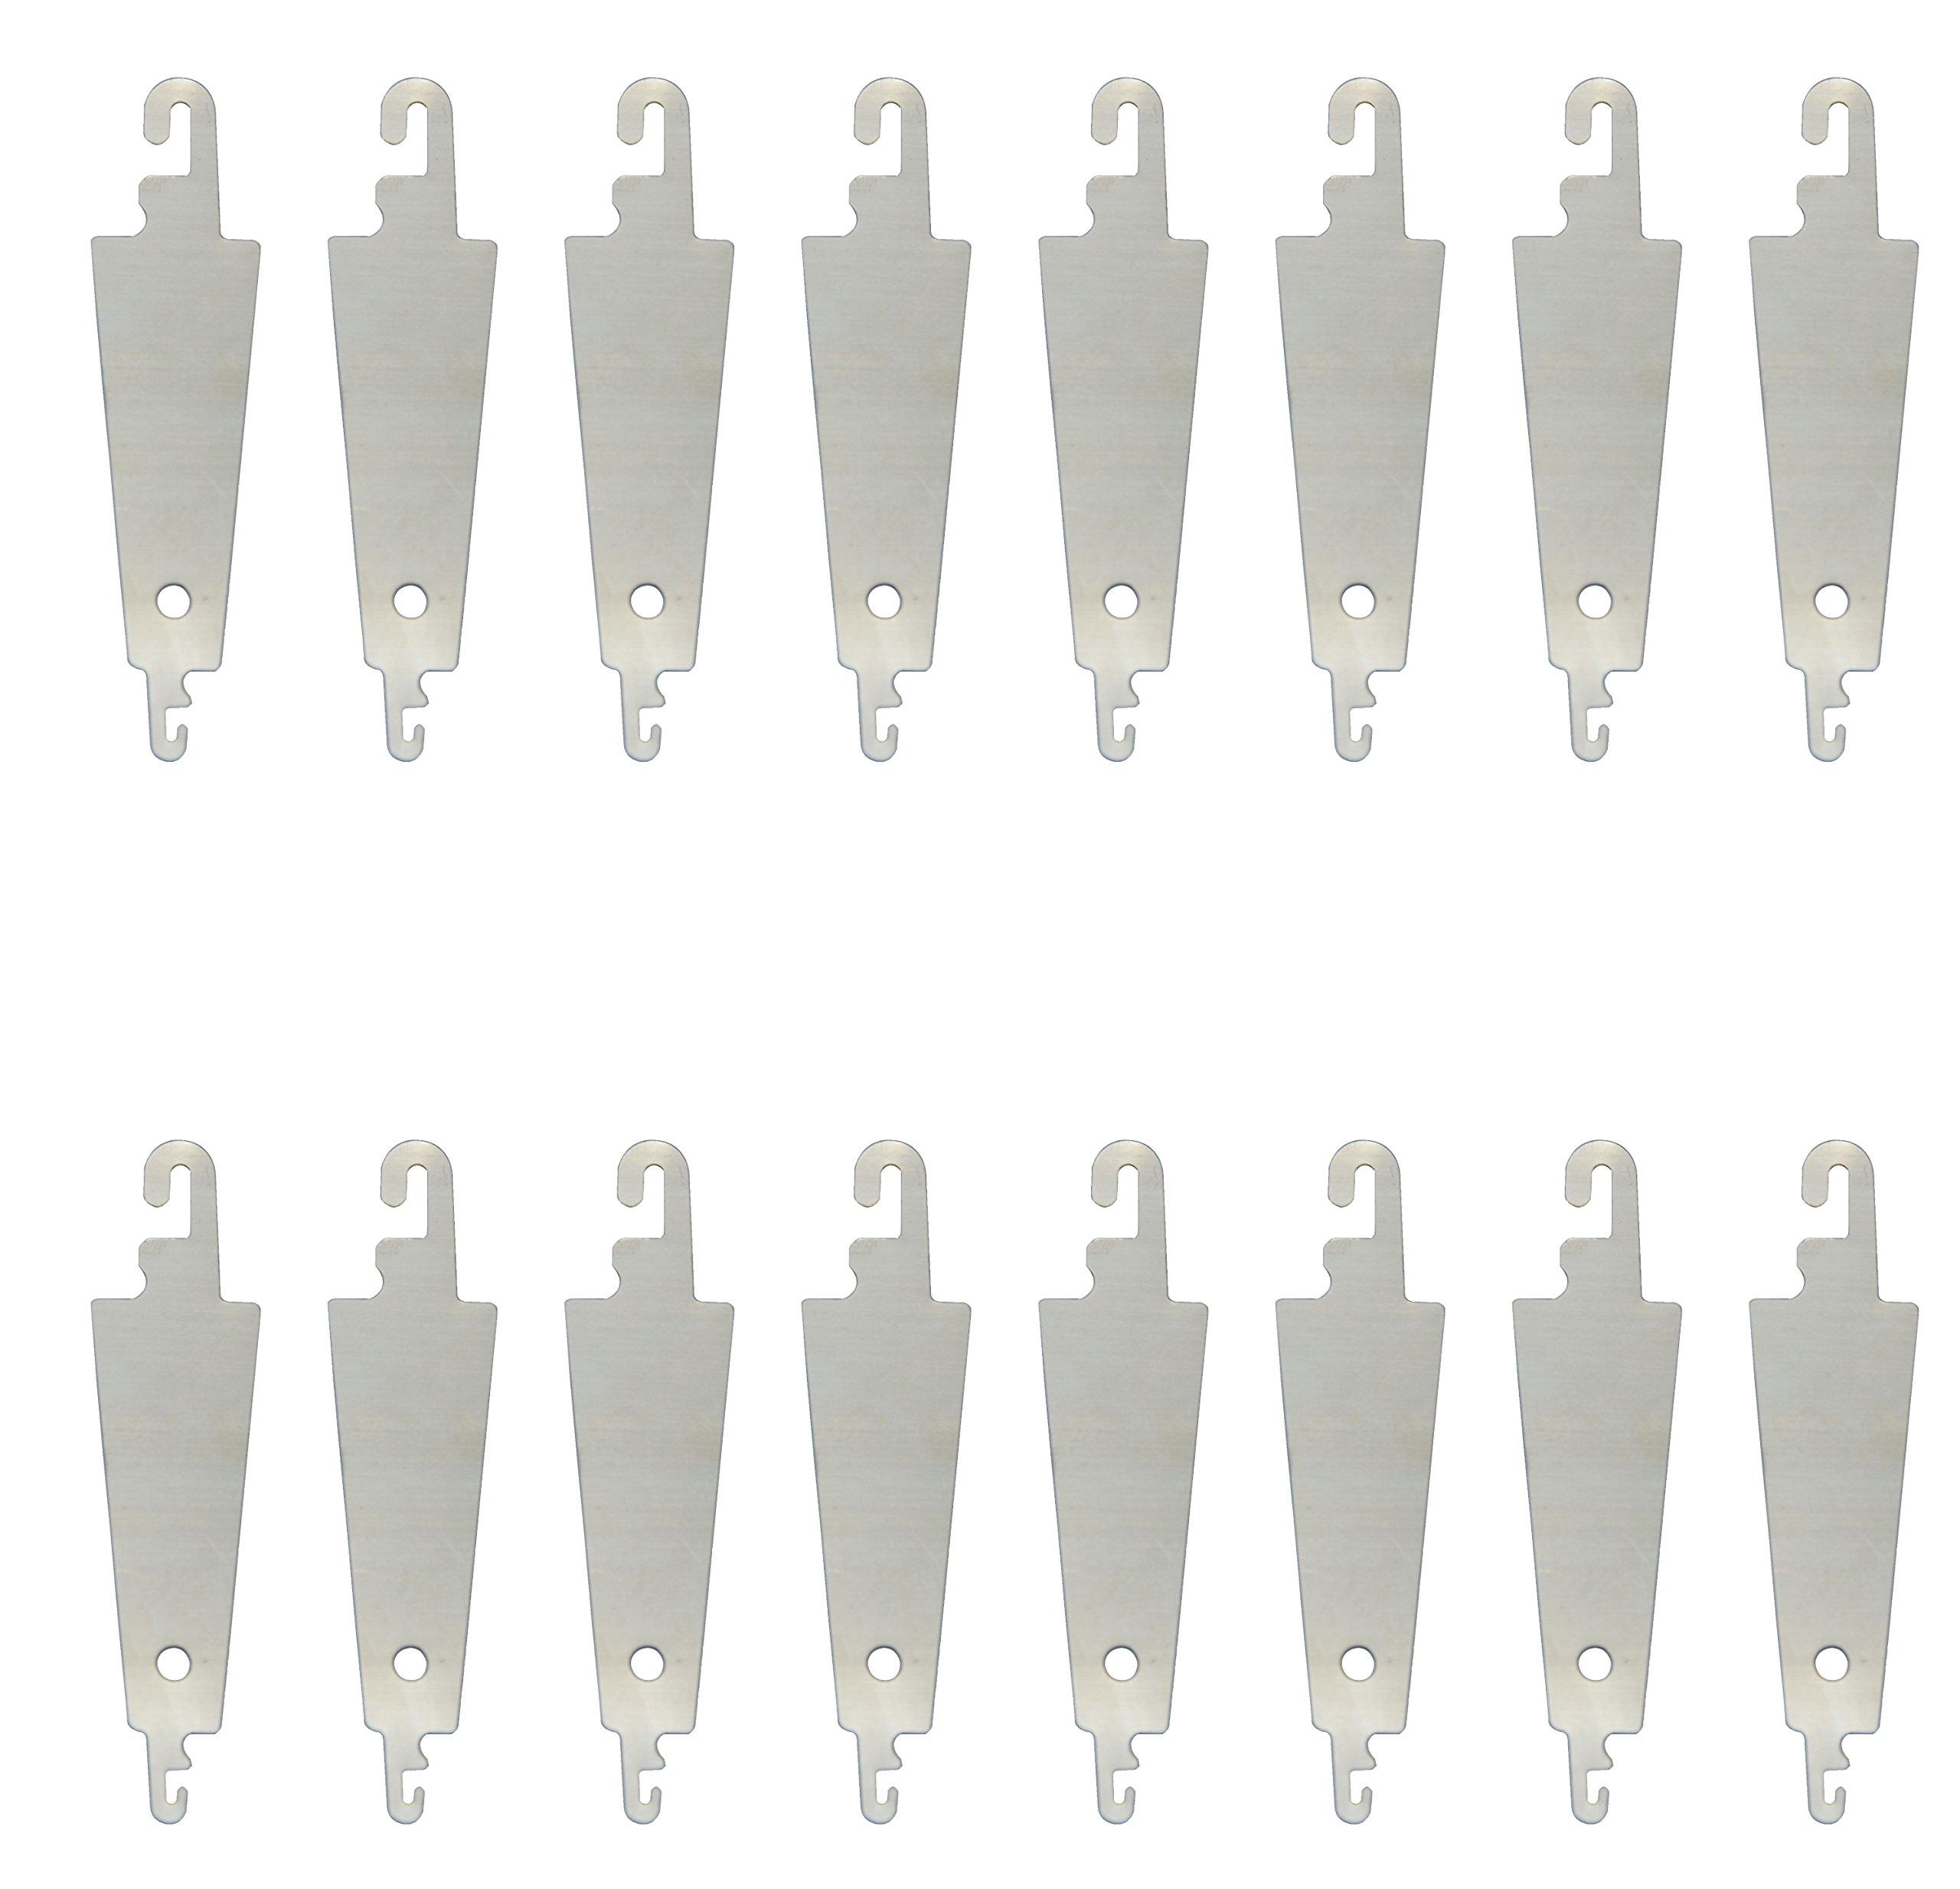 Ancefine Needle Threader for Large Eye Needles,50-Pack product image